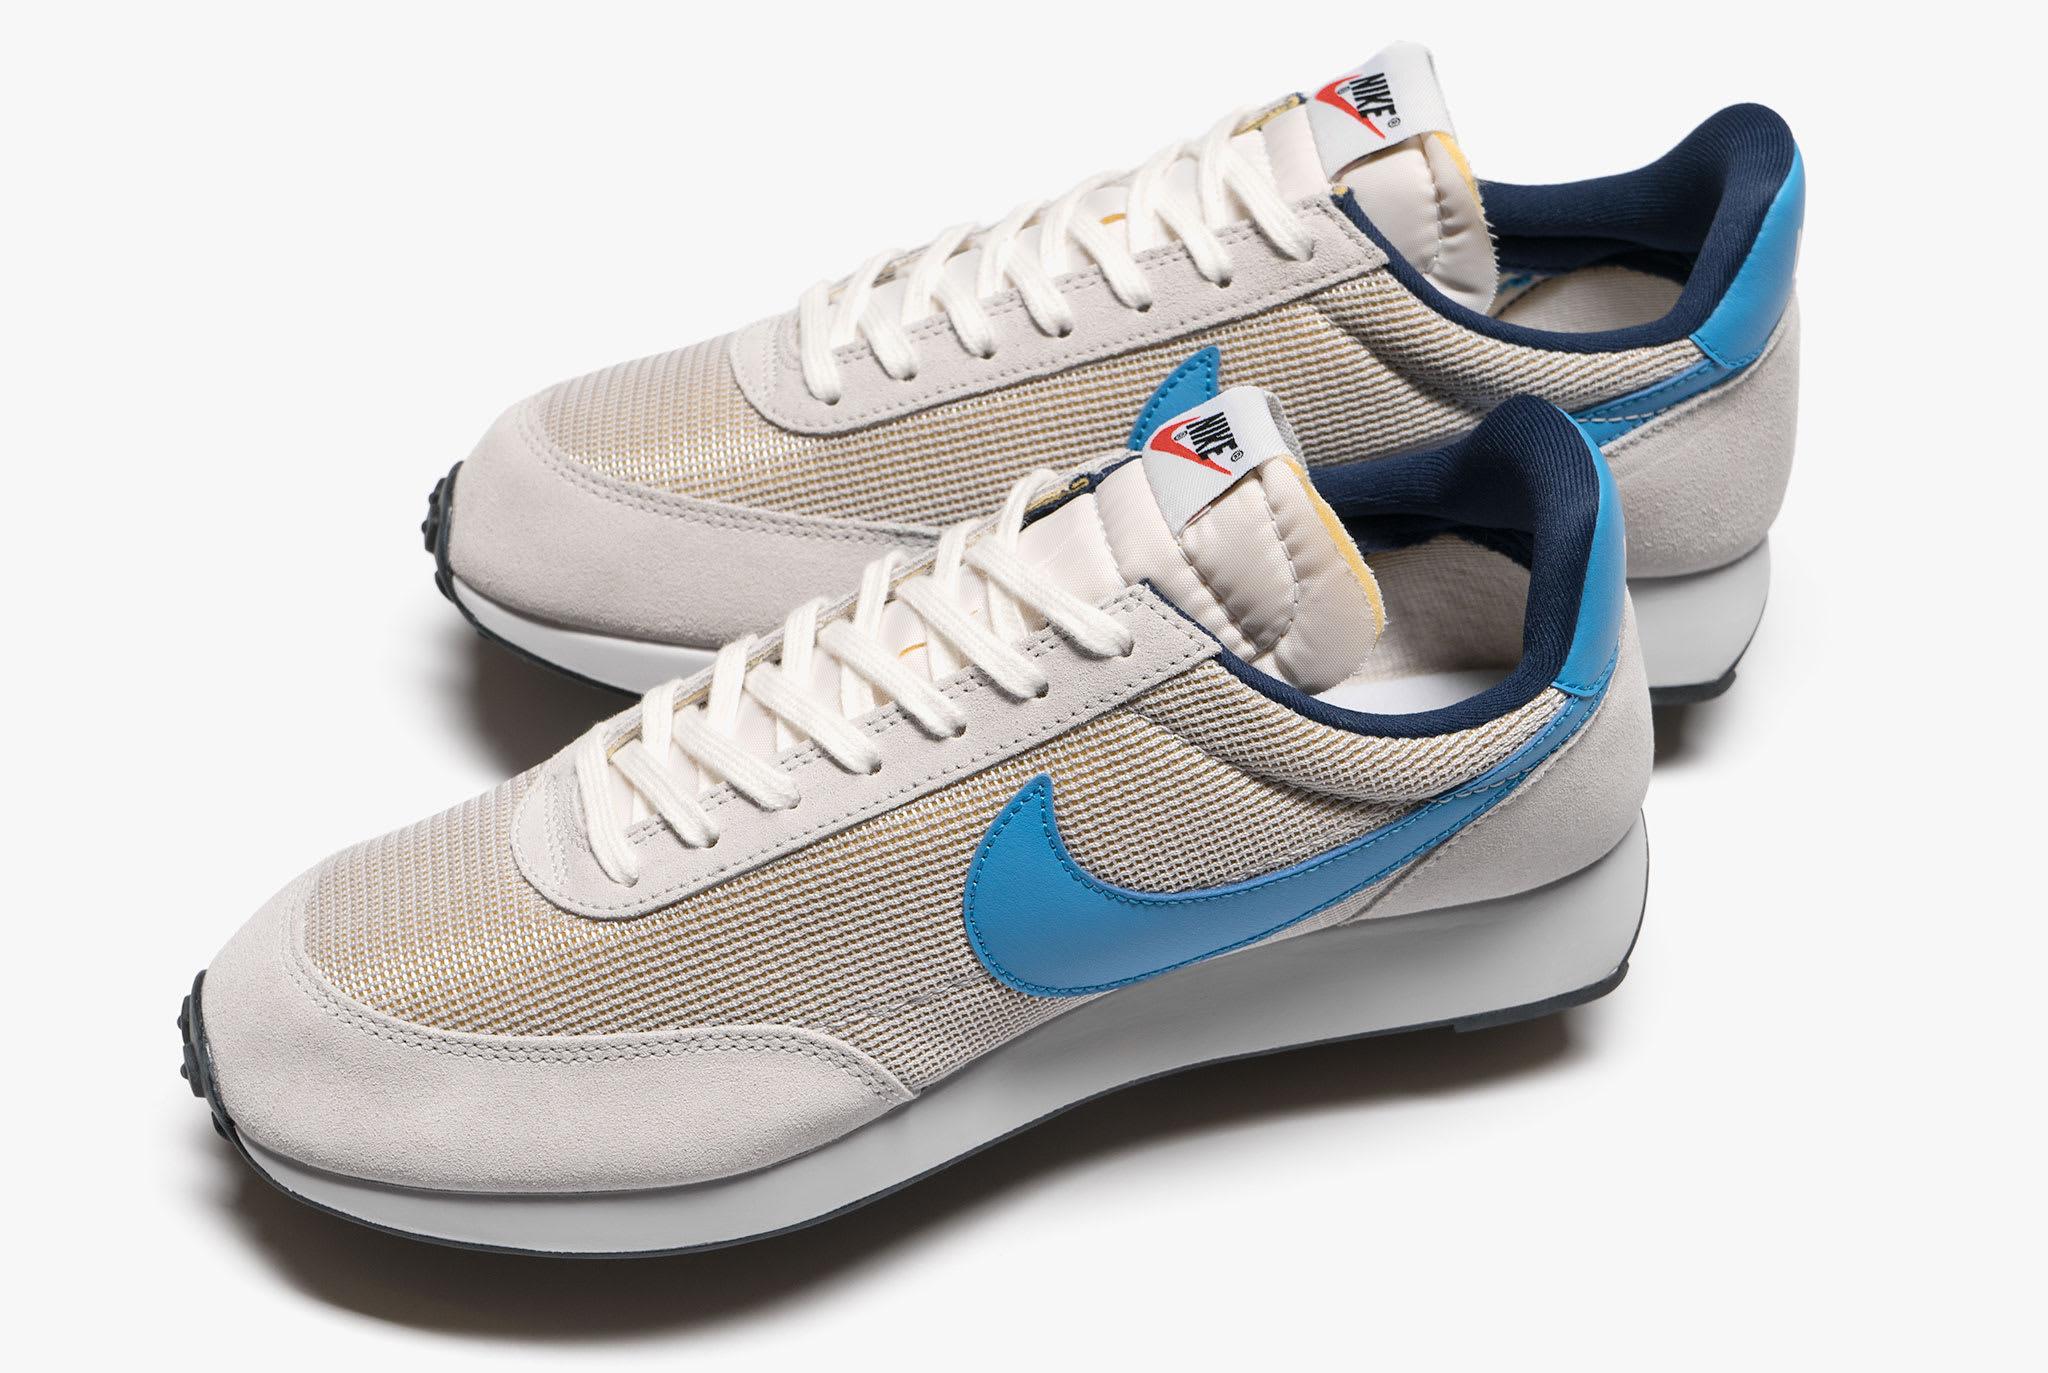 por otra parte, Compuesto Limpia la habitación  Nike Air Tailwind 79 OG | Now Available | HAVEN